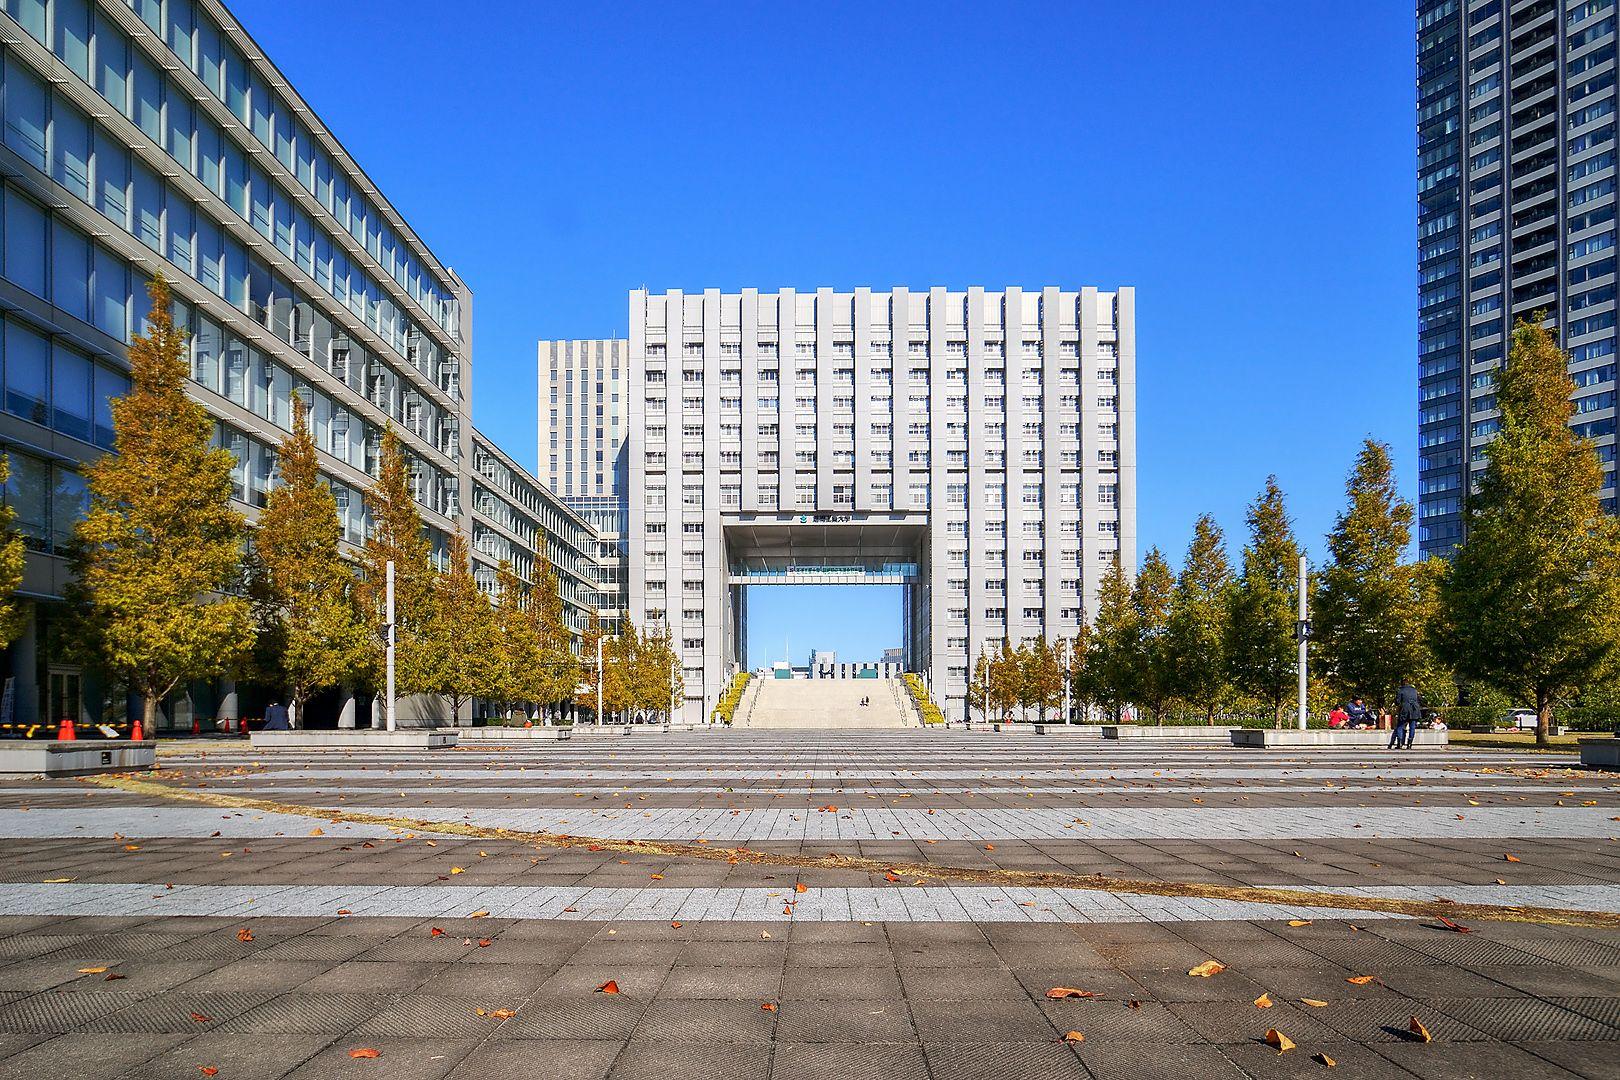 Shibaura Institute of Technology (芝浦工業大学)